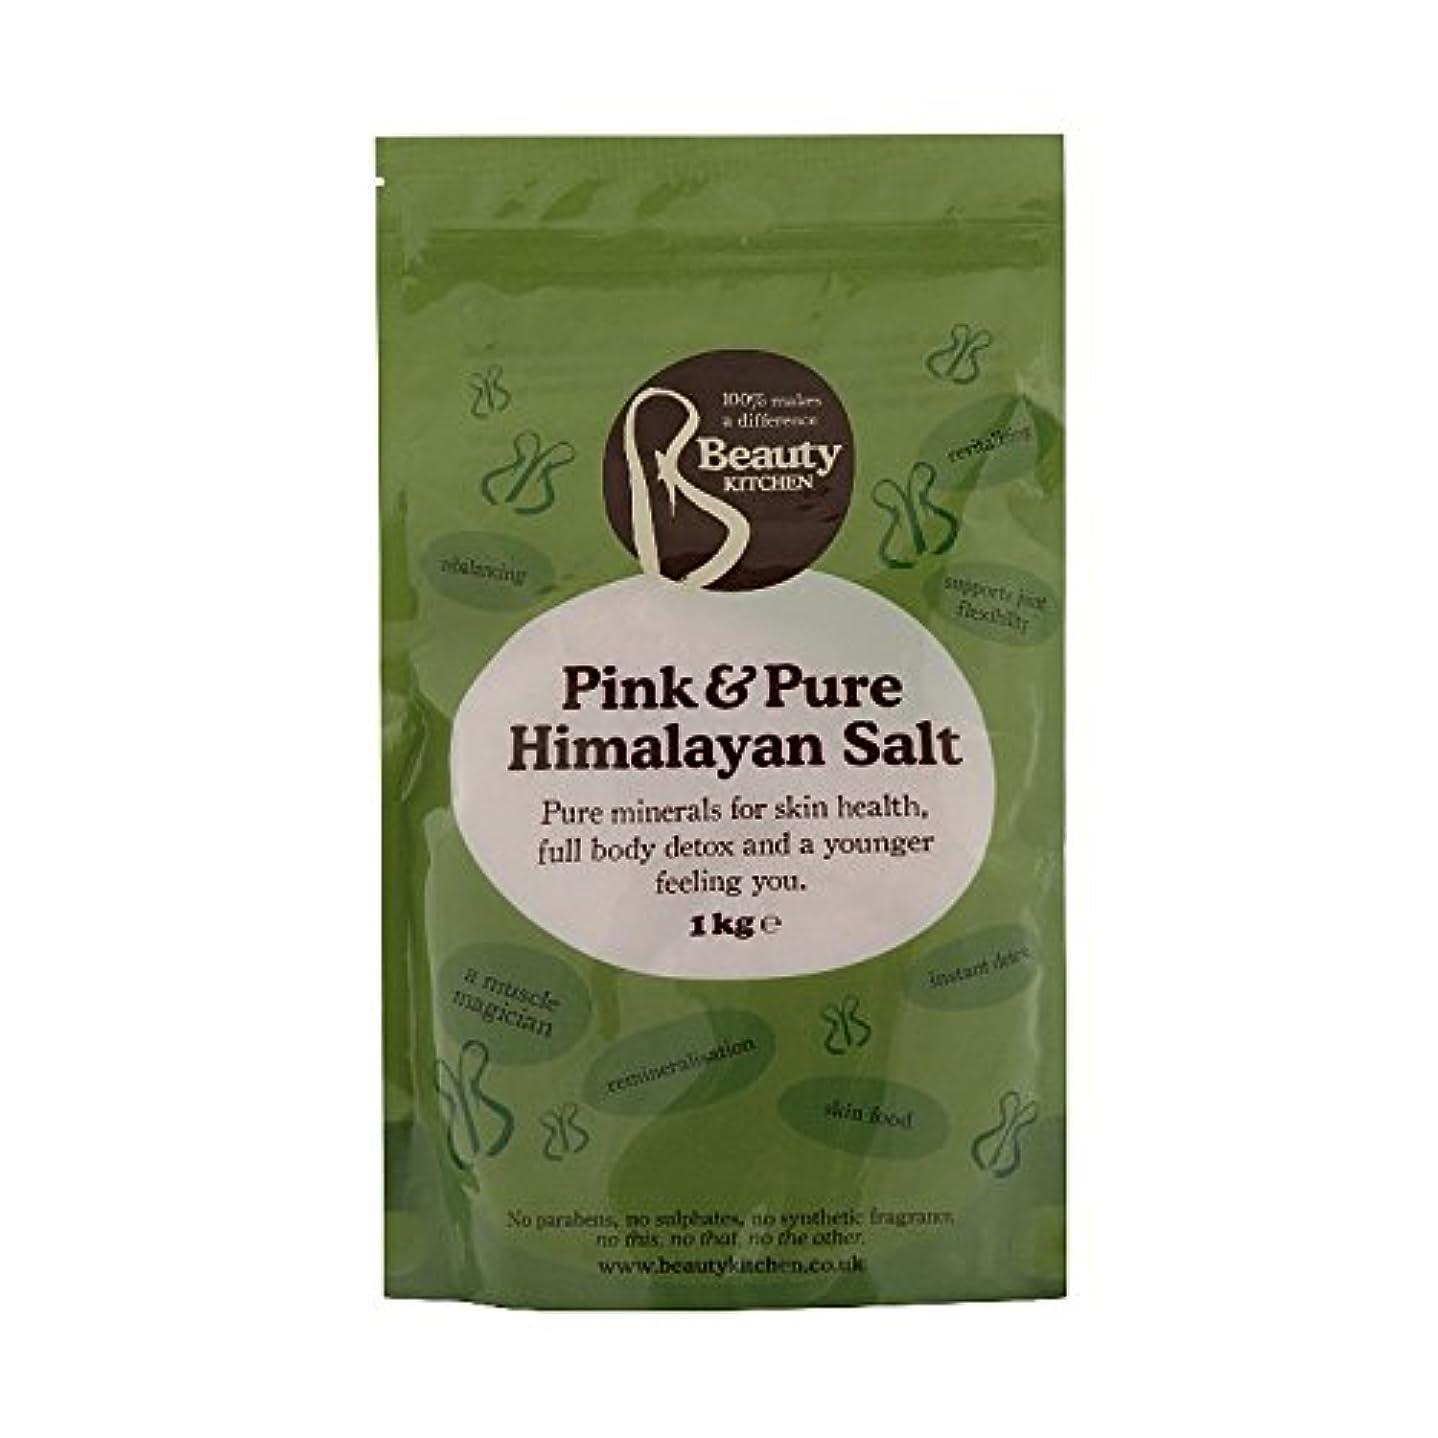 裂け目チョーク傀儡Beauty Kitchen Pink & Pure Himalayan (Pack of 6) - 美しさのキッチンピンク&純粋なヒマラヤ (x6) [並行輸入品]